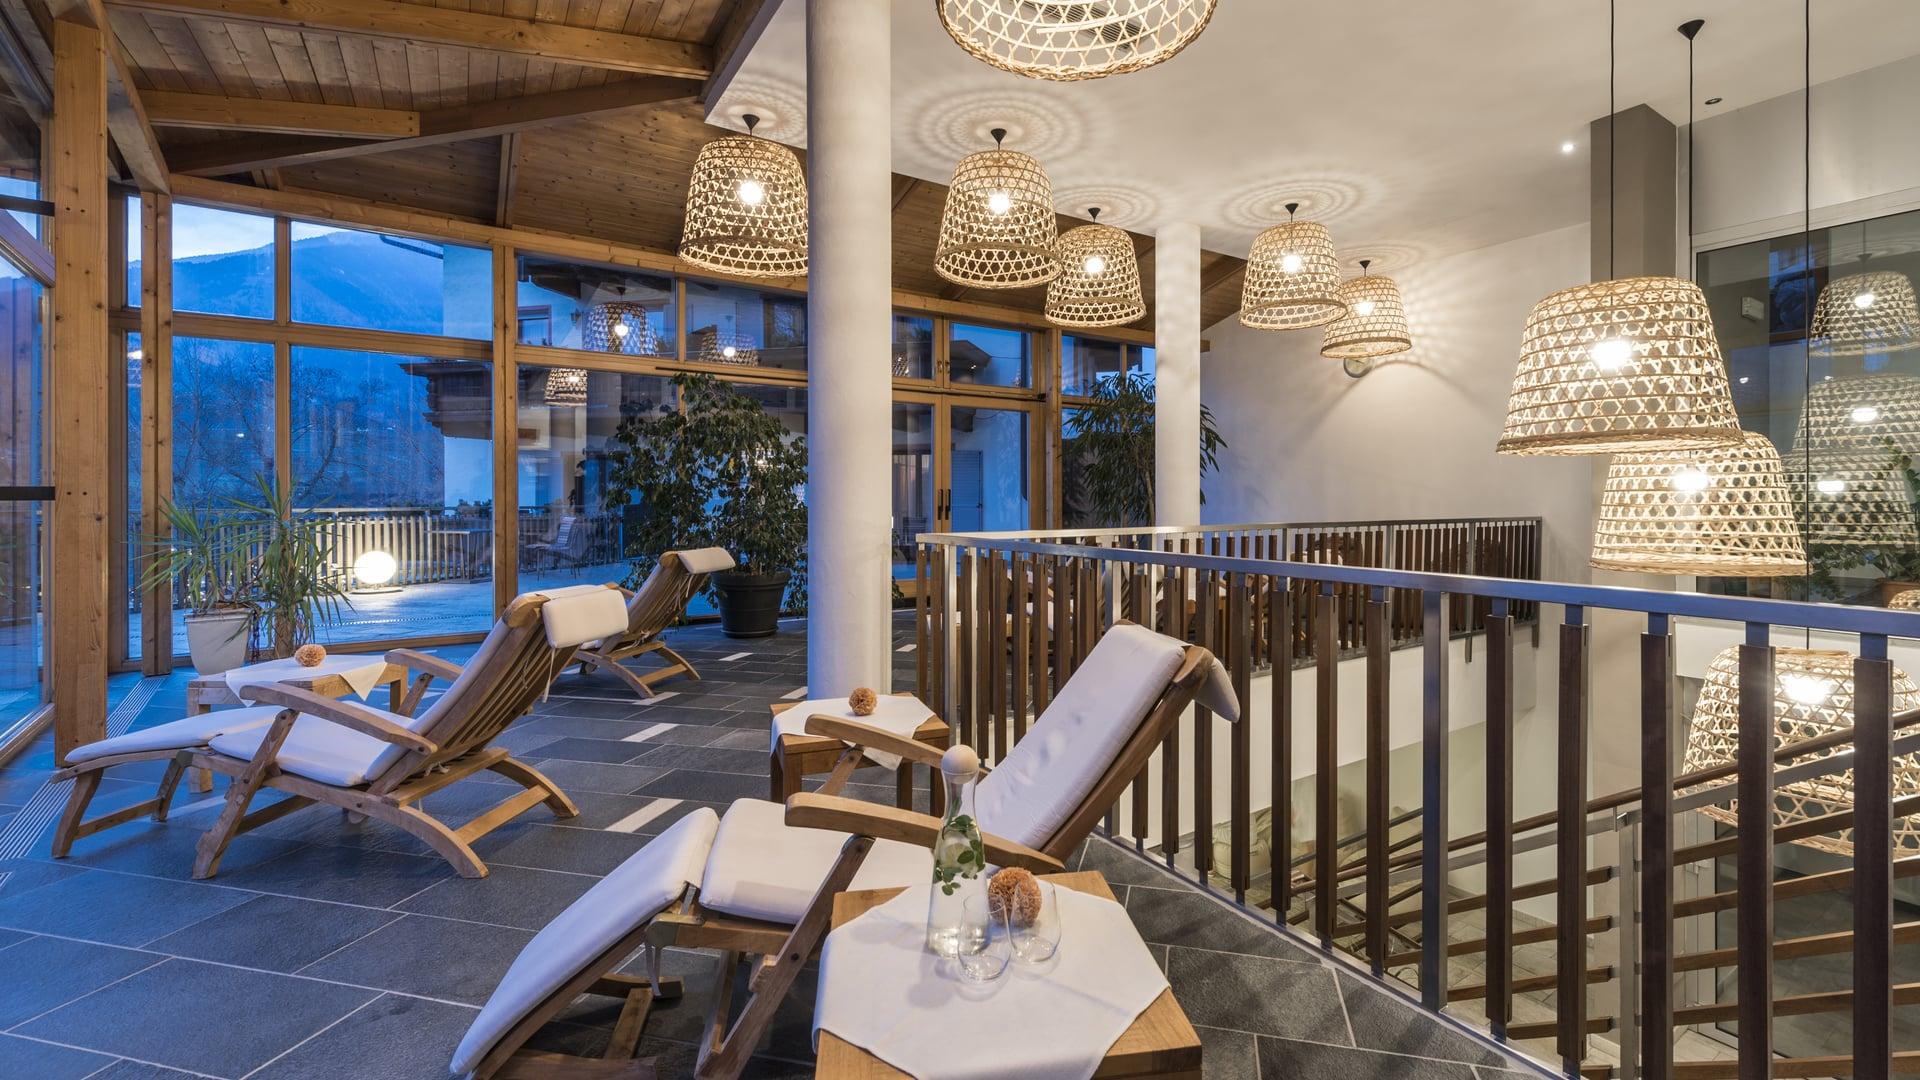 Hotel a bressanone con piscina hotel pacher centro benessere - Piscine con scivoli bressanone ...